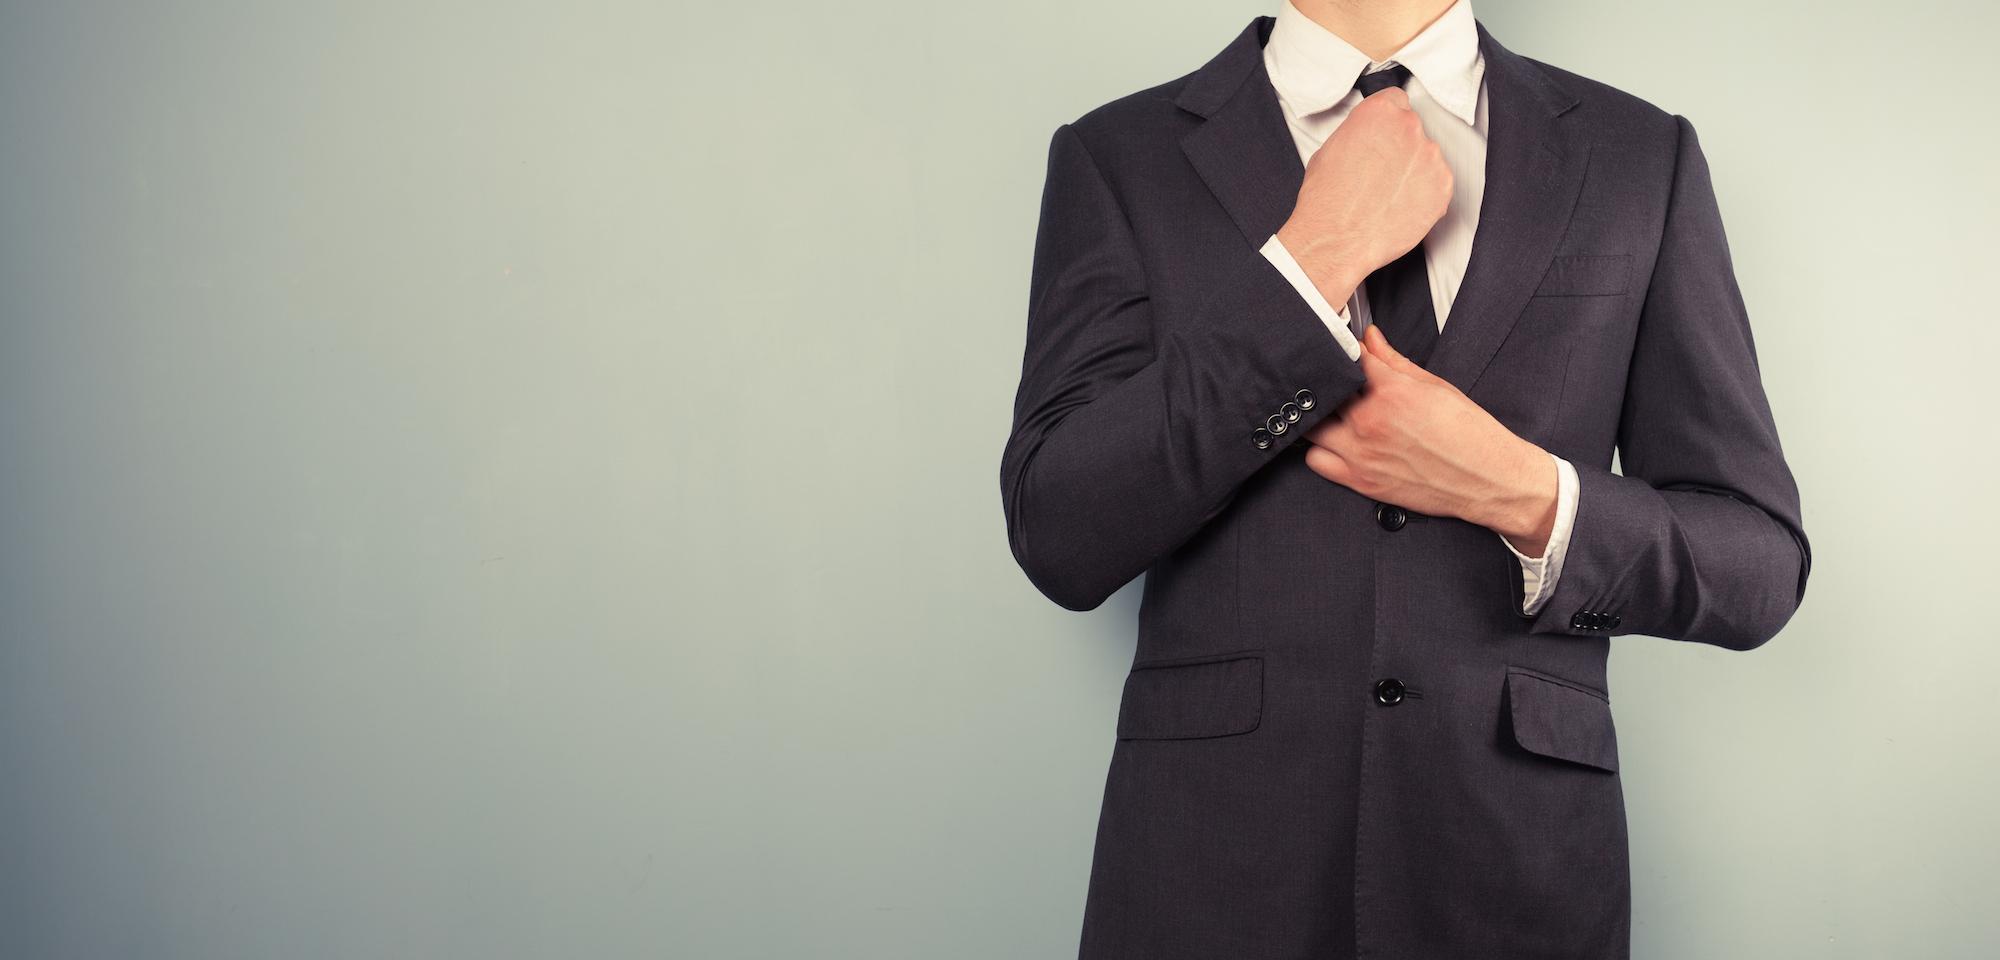 suit-tie-businessman